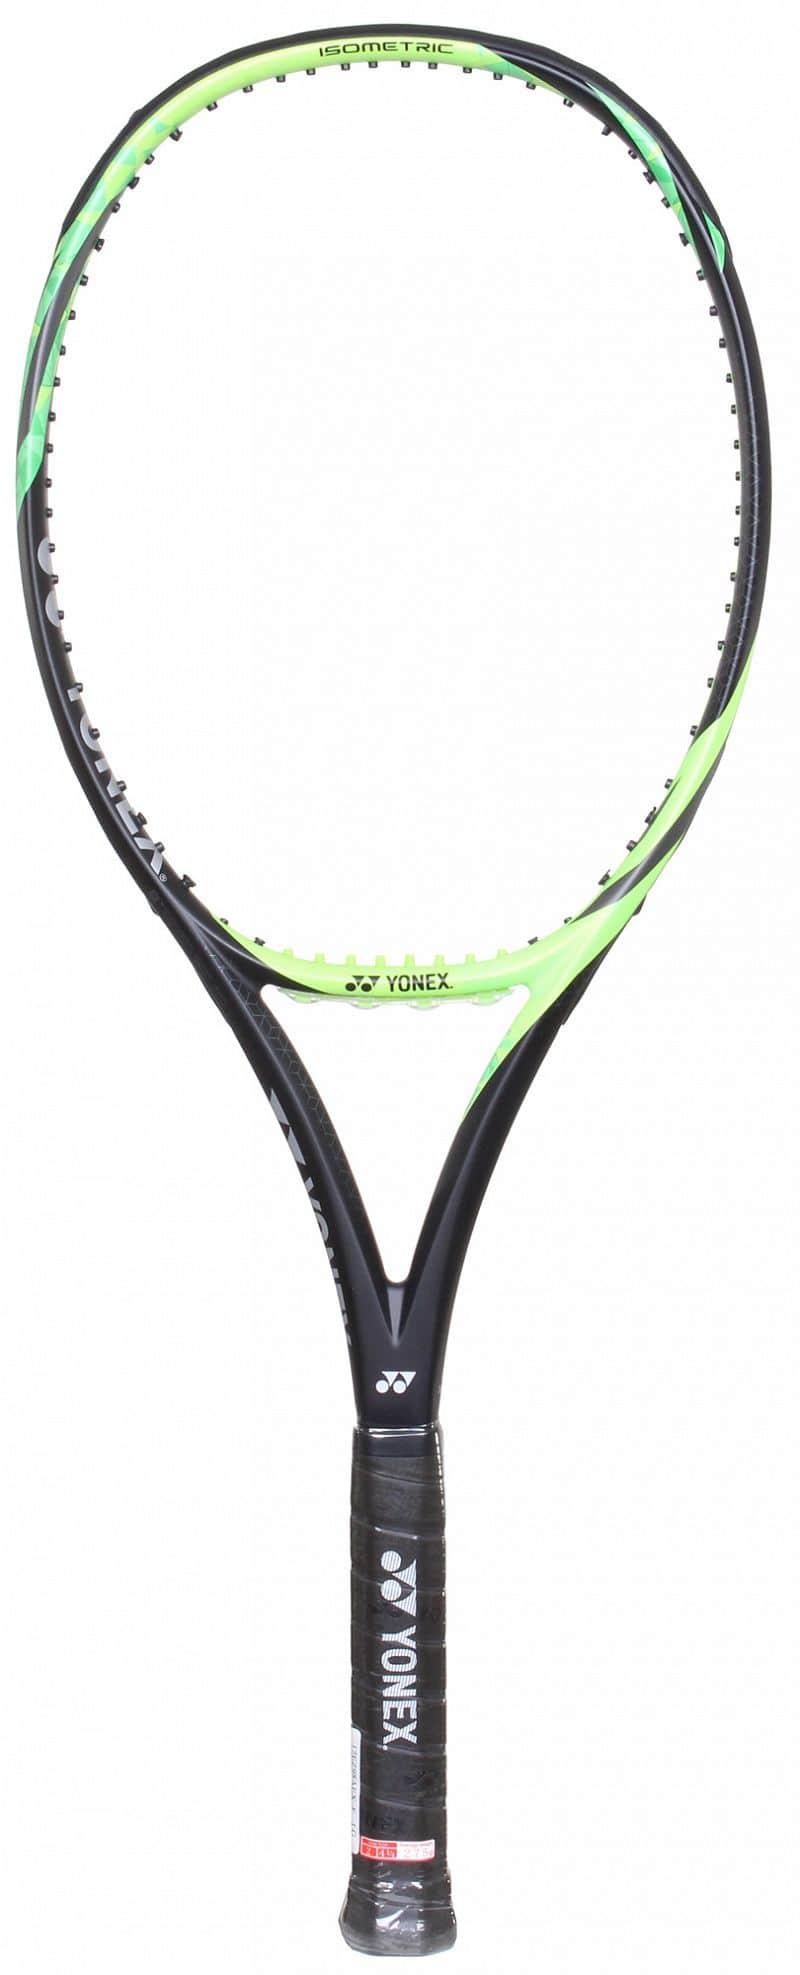 EZONE 98 Alpha 2017 tenisová raketa barva: zelená;grip: G2